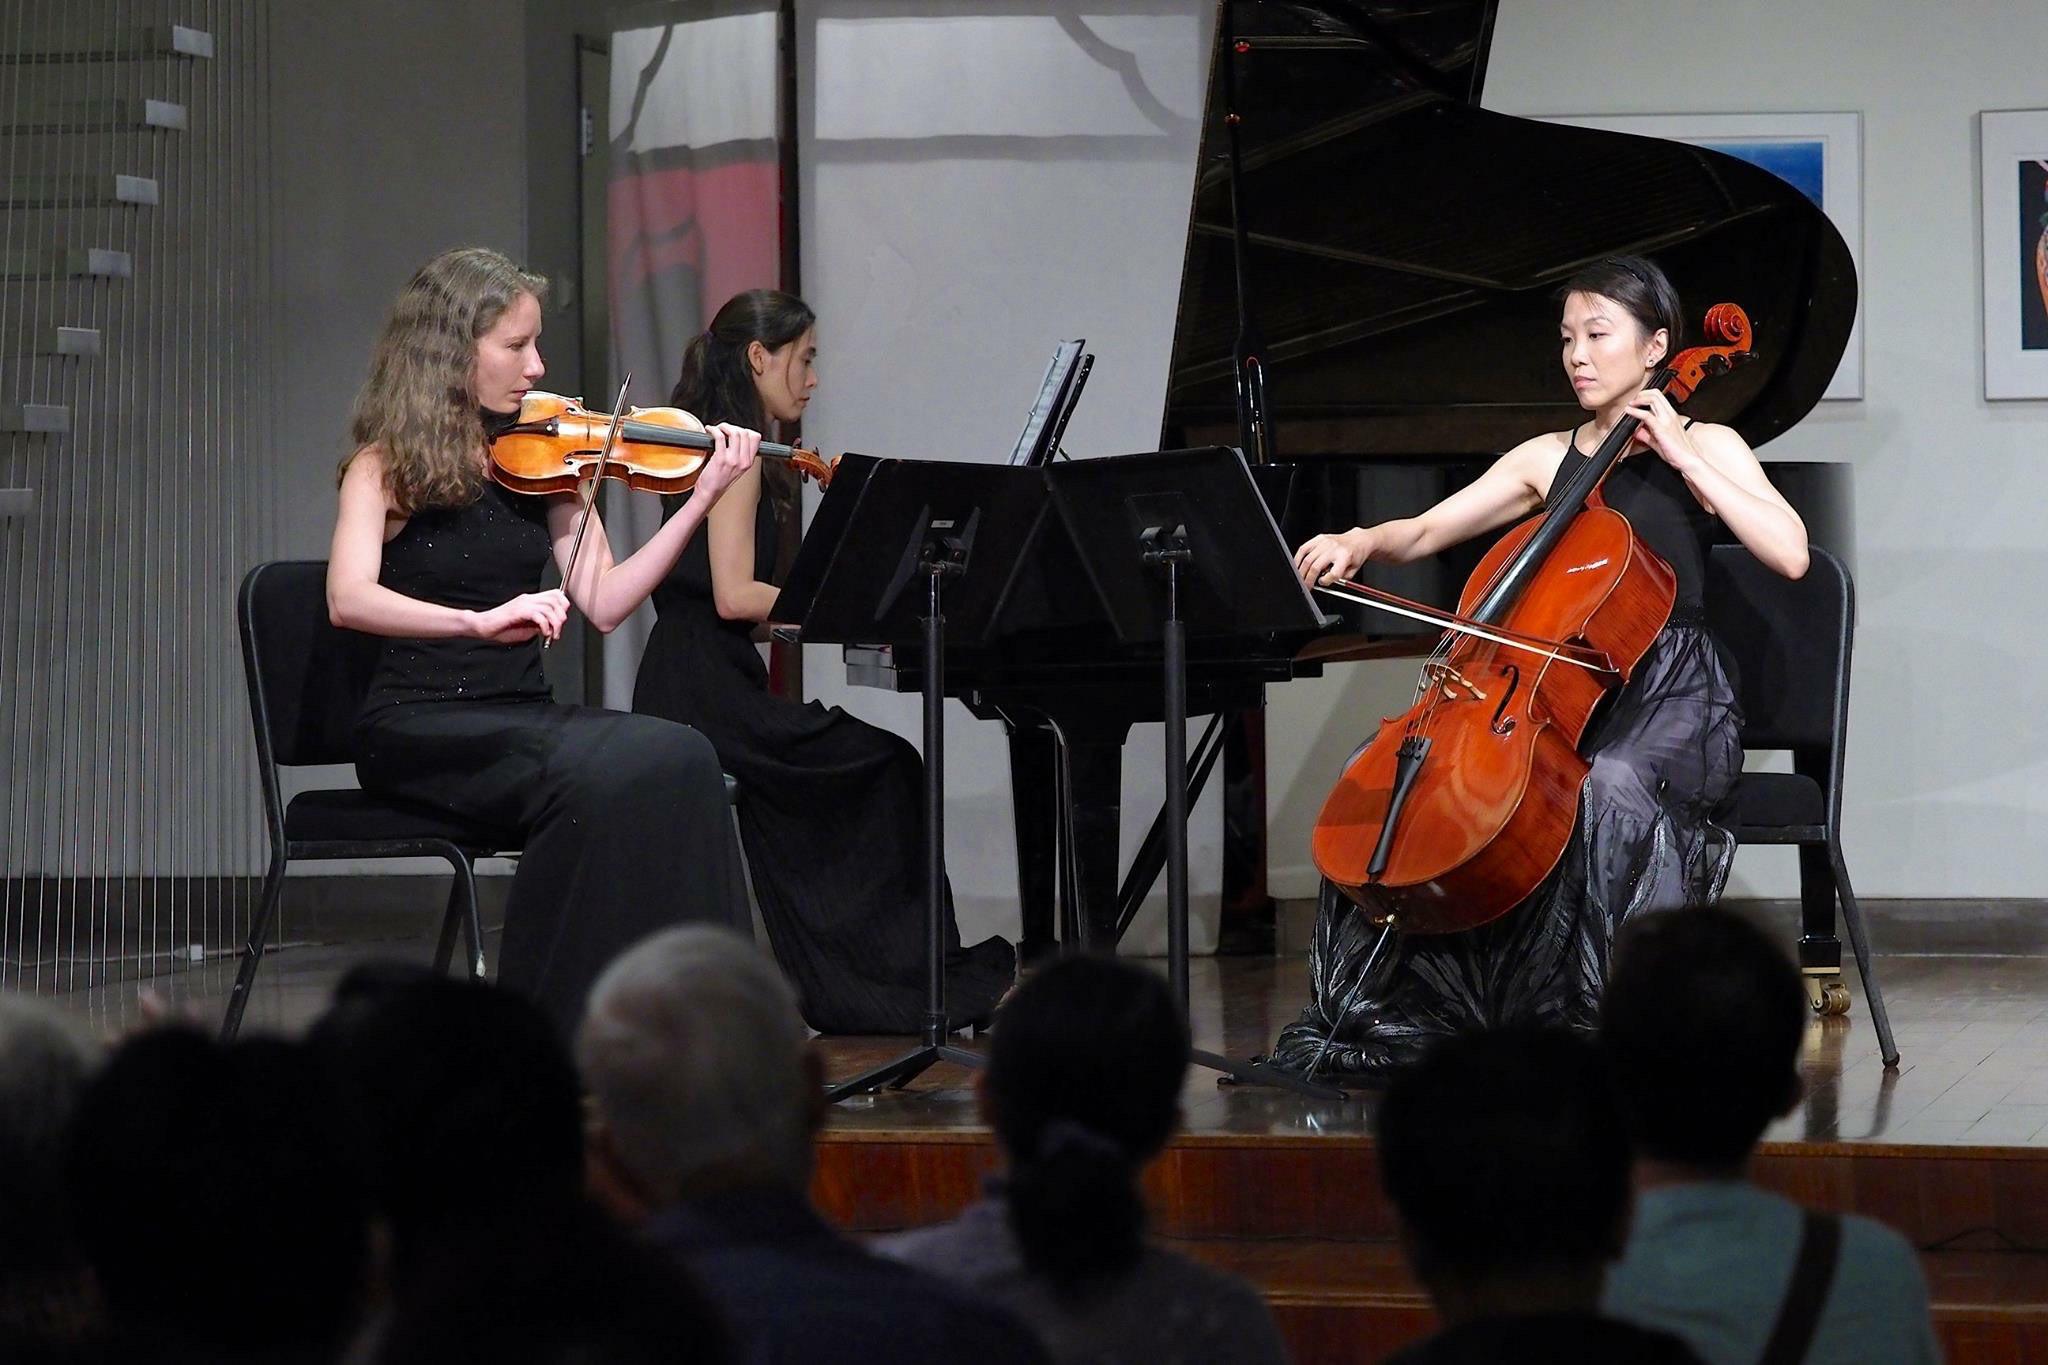 Intervista alla straordinaria violinista italiana Laura Giannini